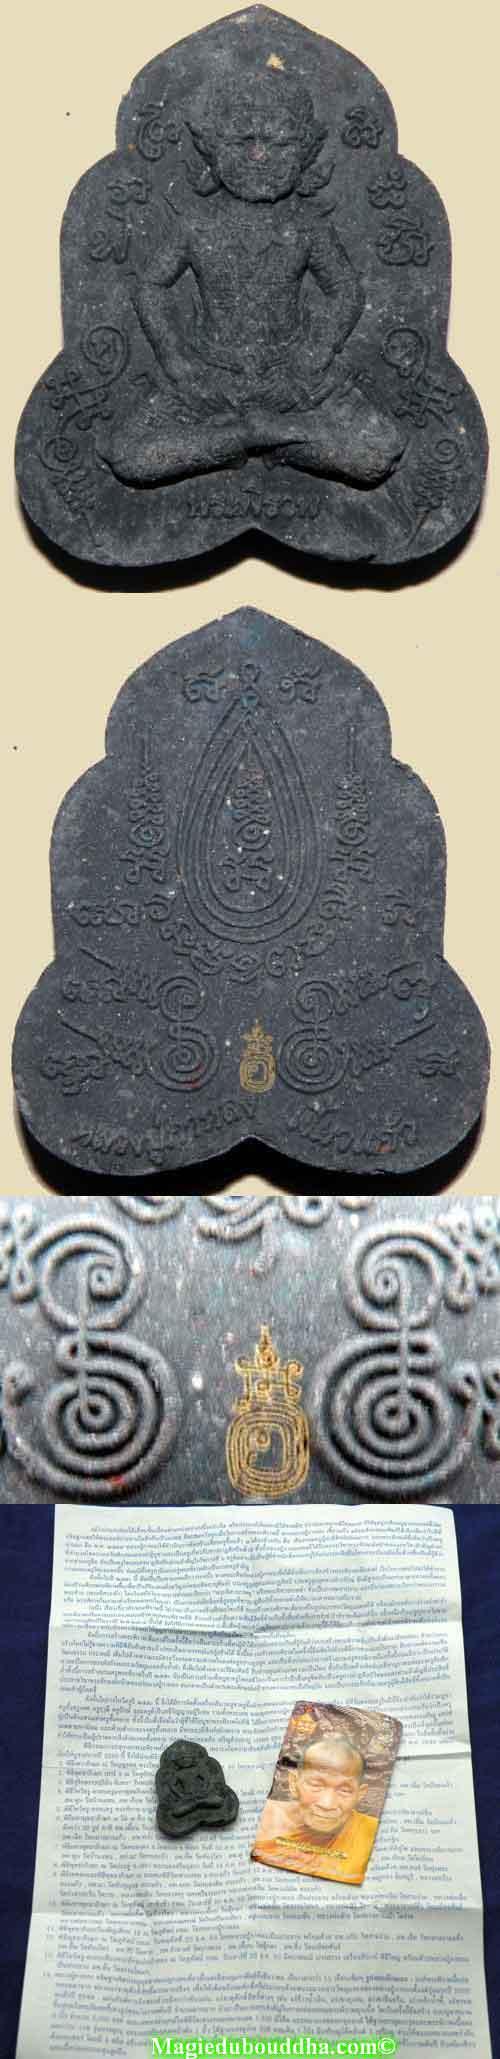 amulette phra pirab luang phor kallong